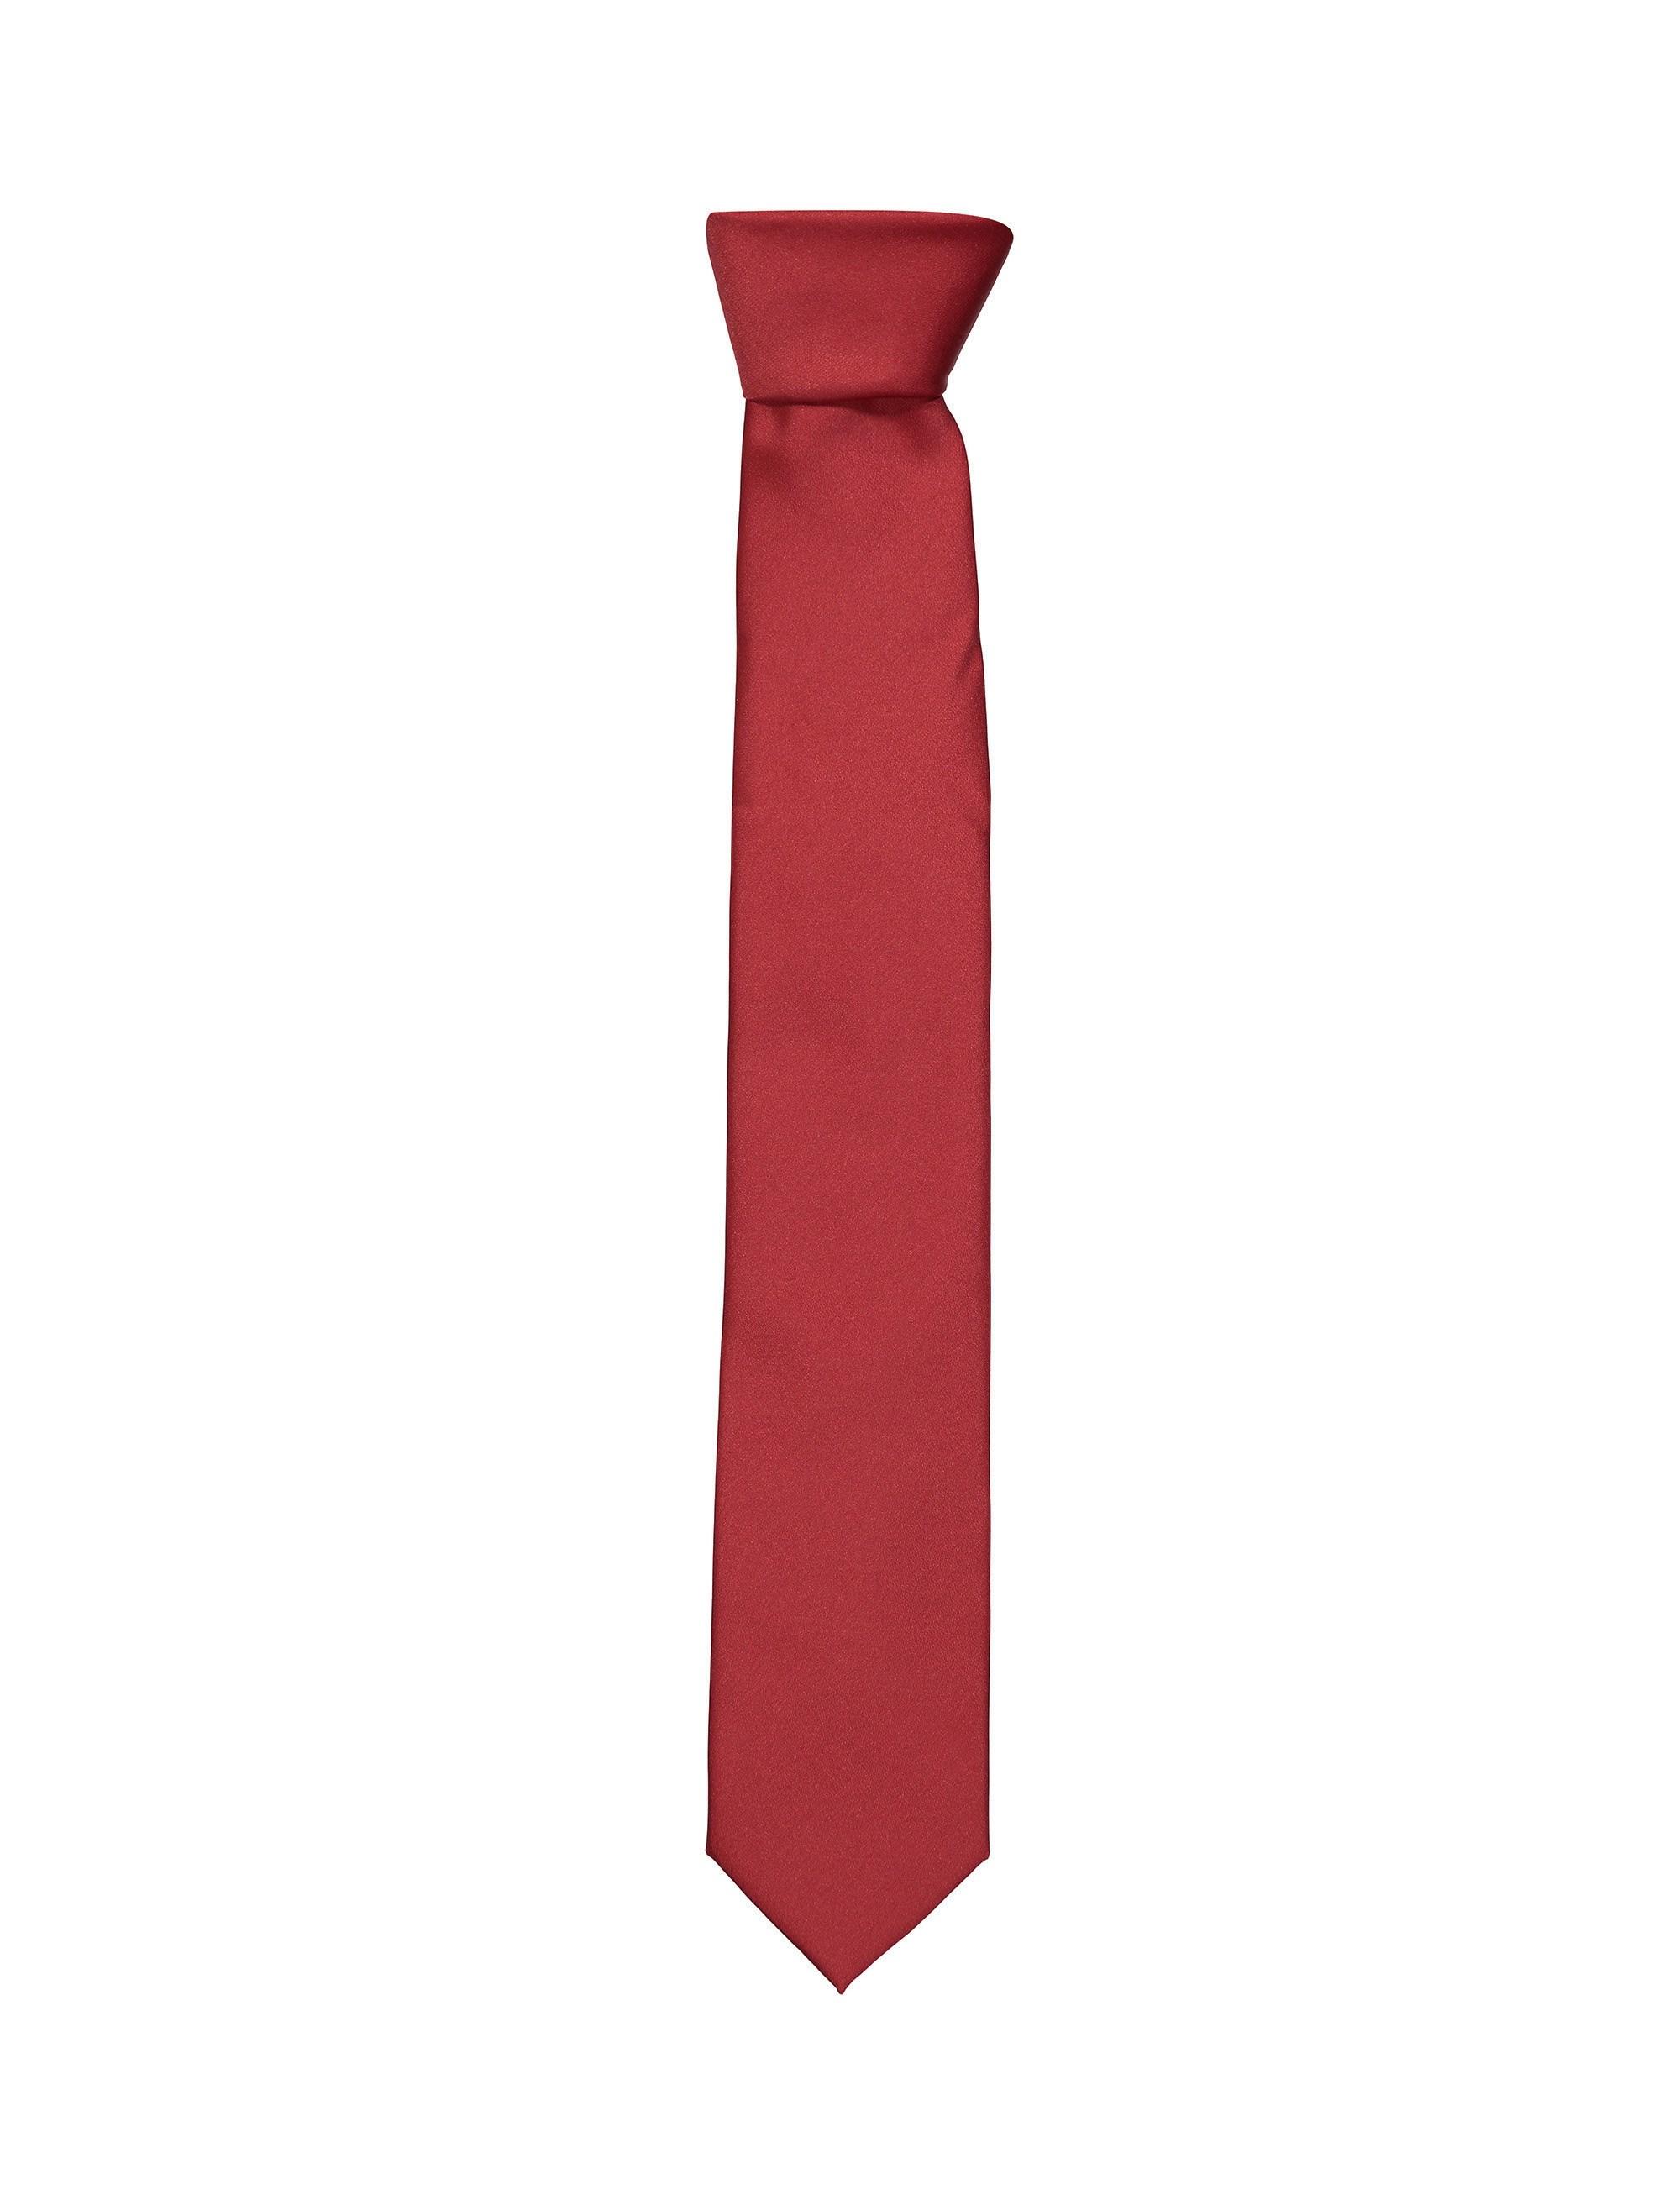 کراوات ساده مردانه - کالکشن تک سایز